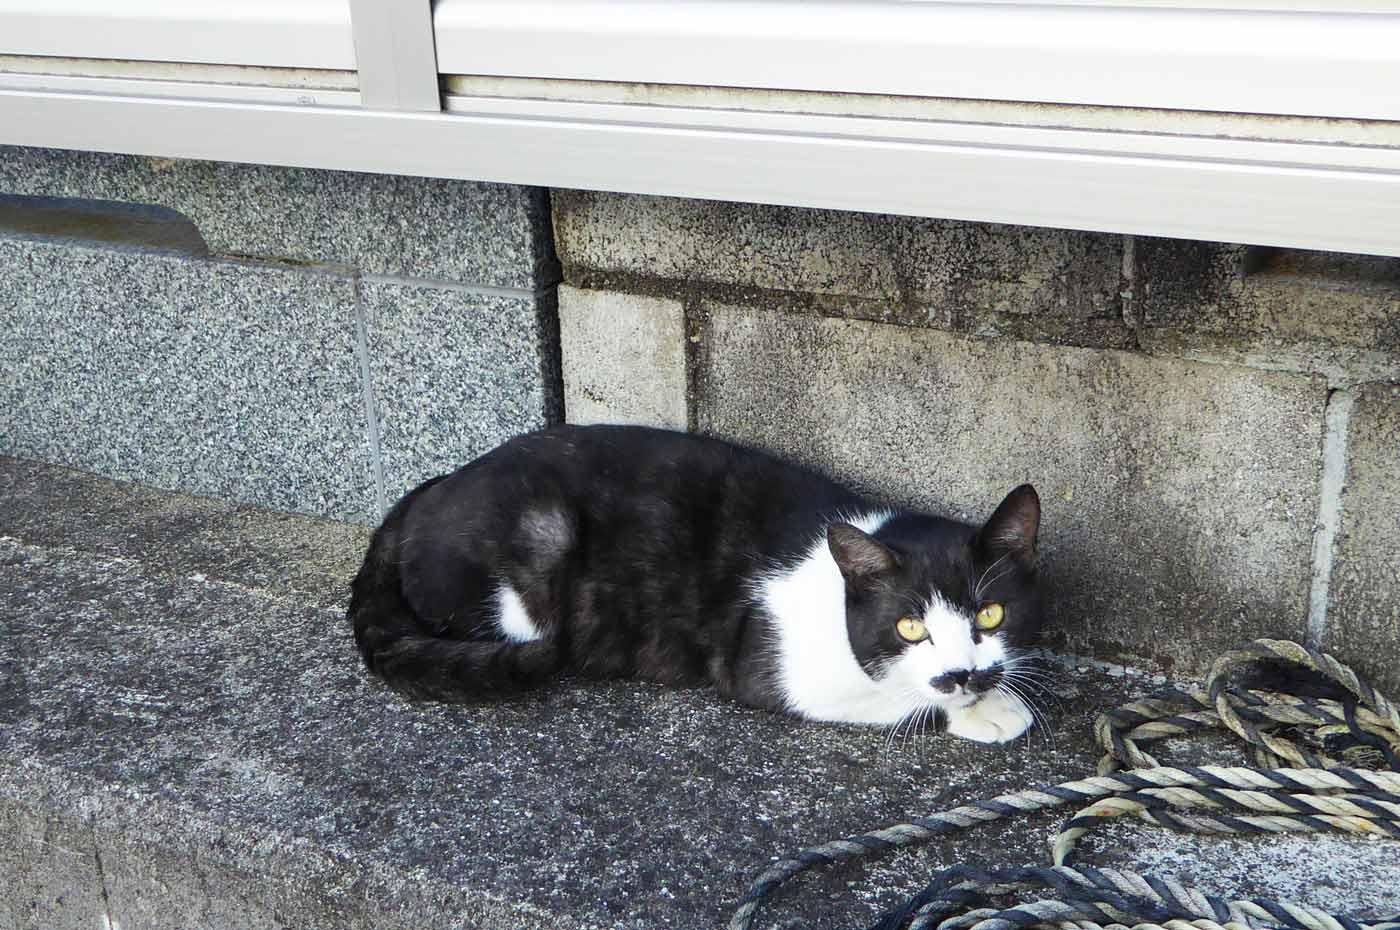 釈迦寺に居た猫の画像